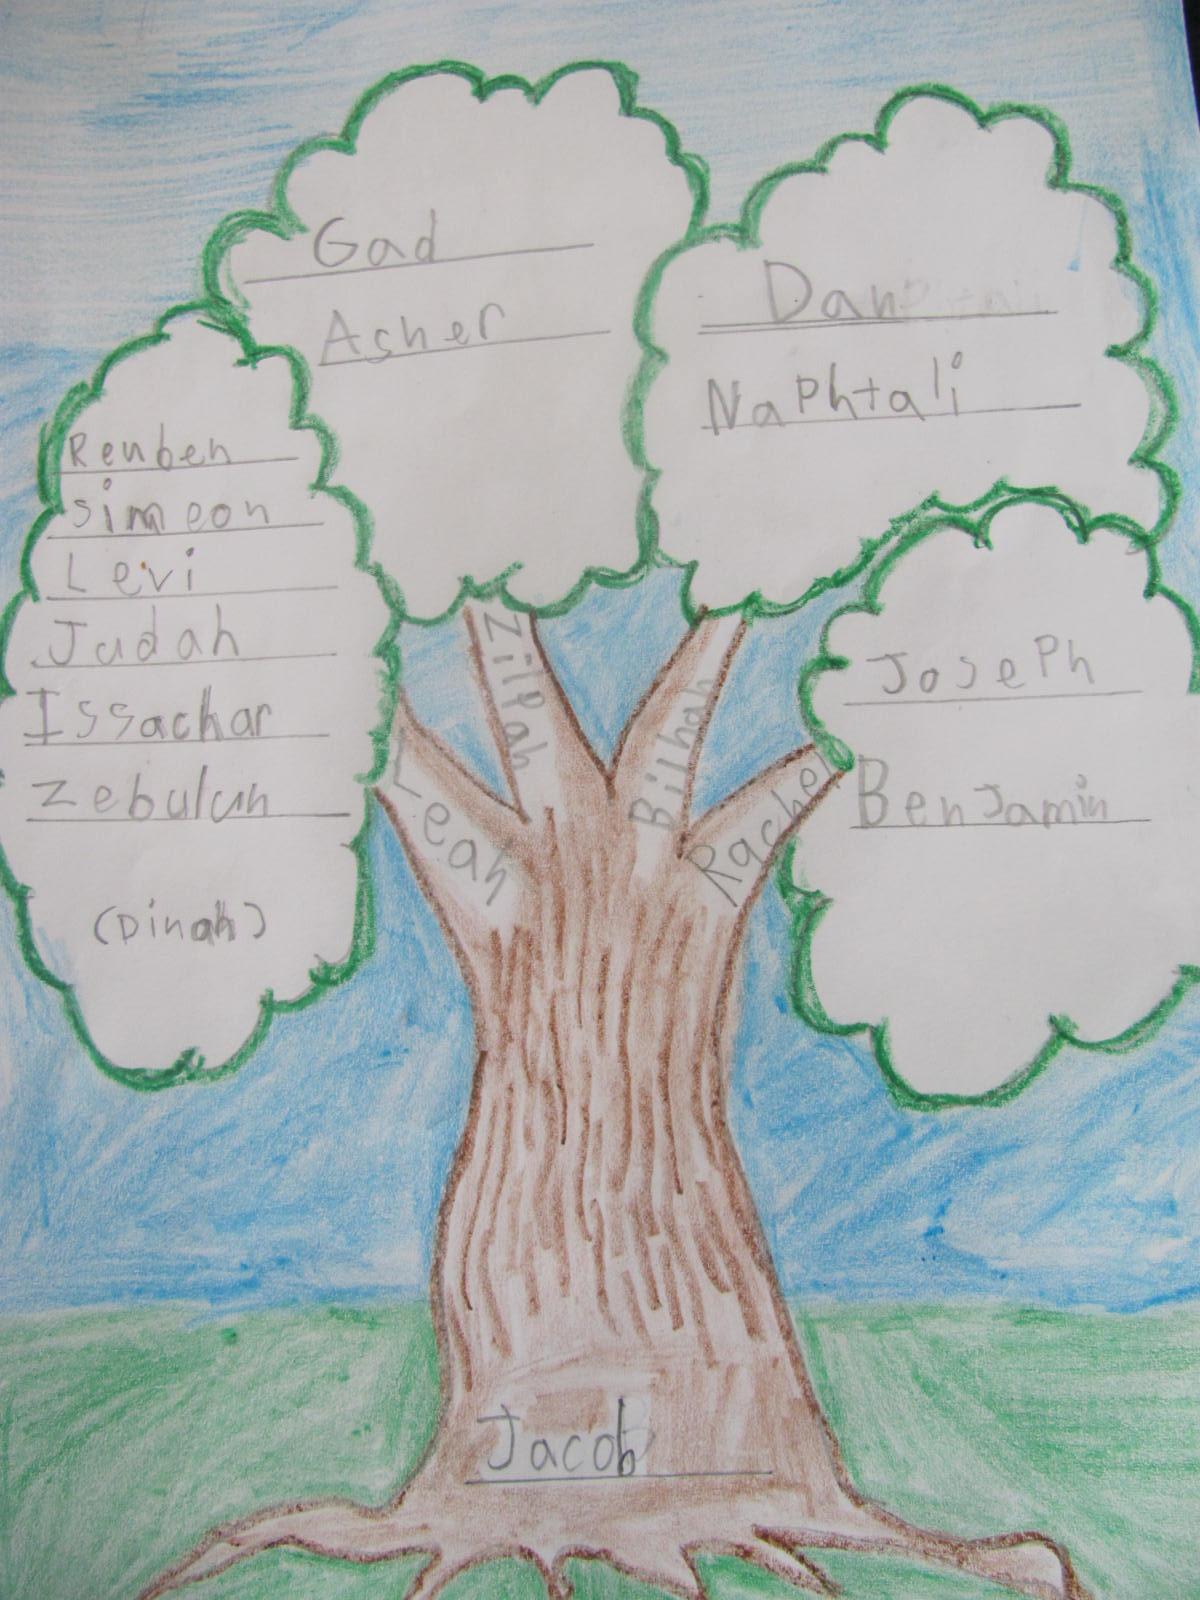 teaching tree diagram 2002 ford explorer engine shema parasha vayishlach torah notebook